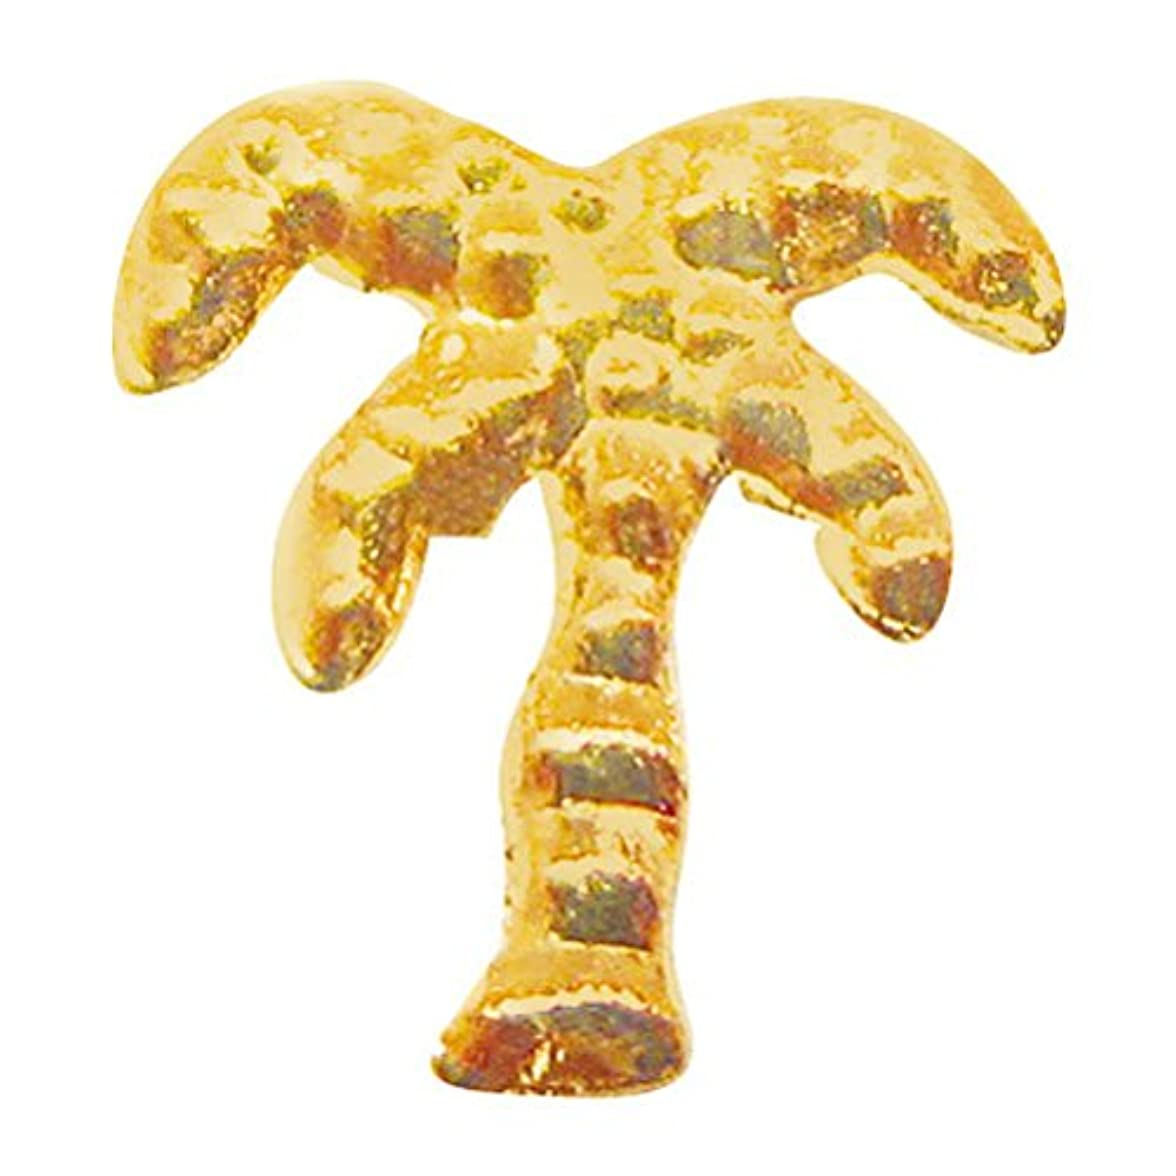 リベラル支払いスケートサンシャインベビー ジェルネイル ヤシの木(ゴールド) 10P